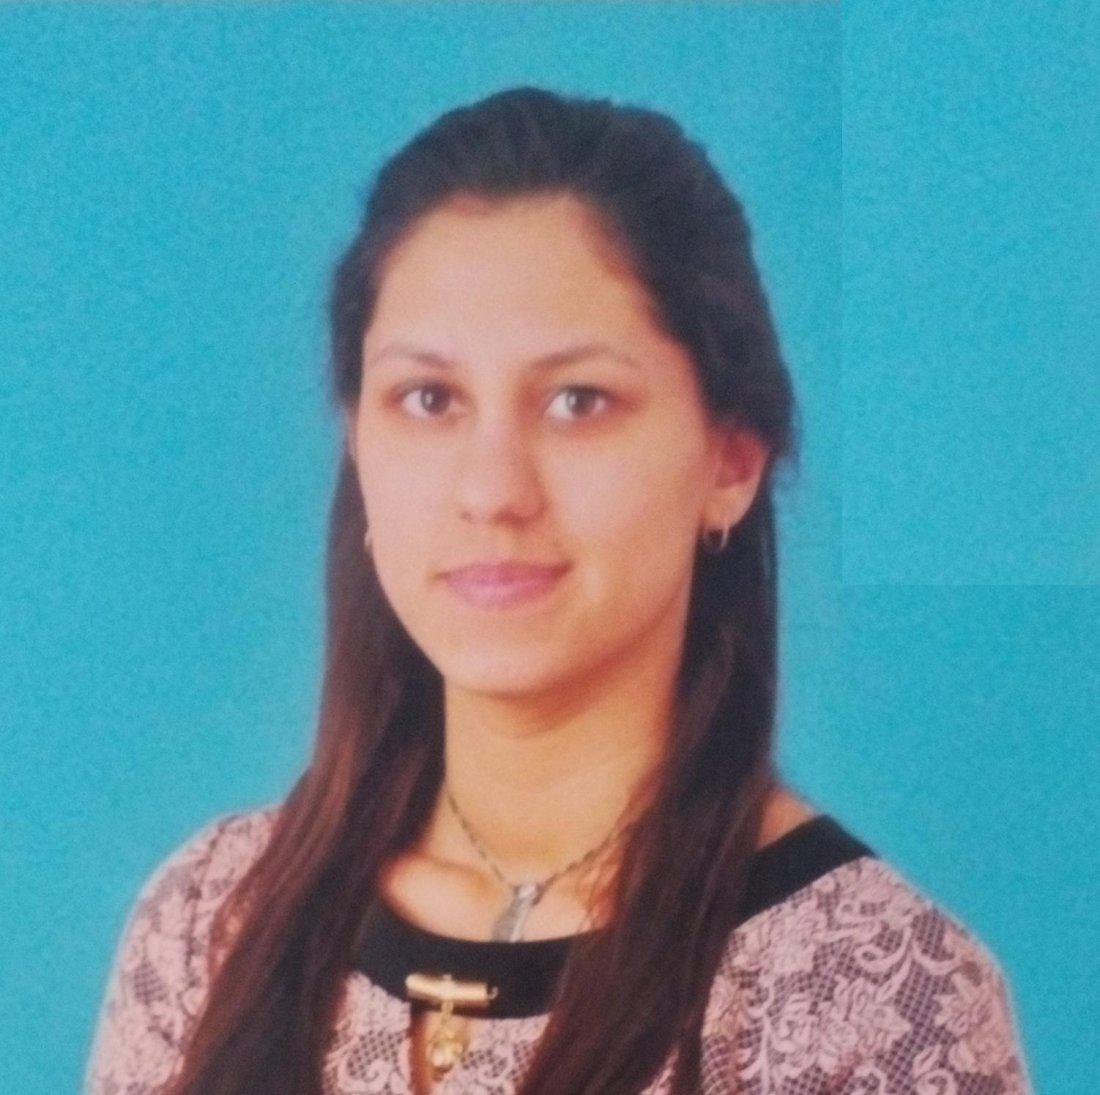 ВКотовском районе пропала 17-летняя девушка